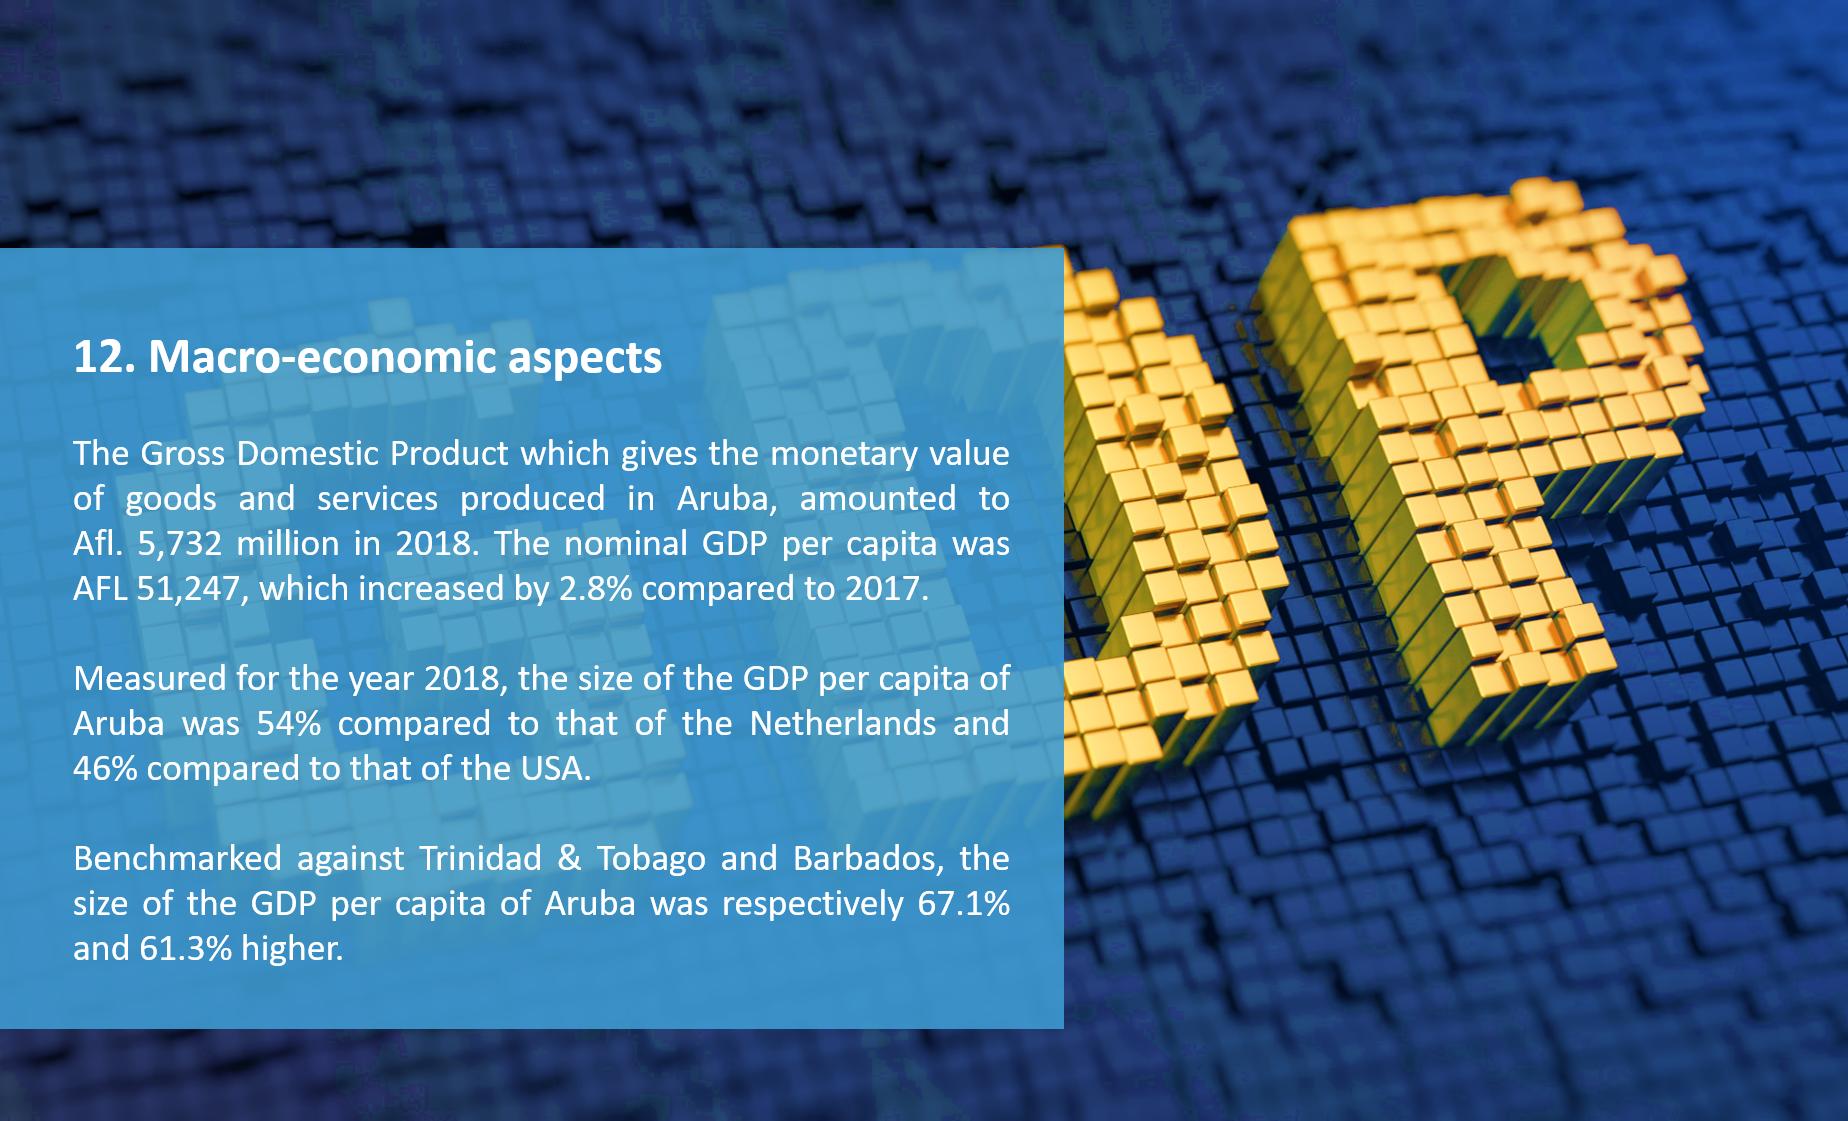 Chapter 12 - Macro economics